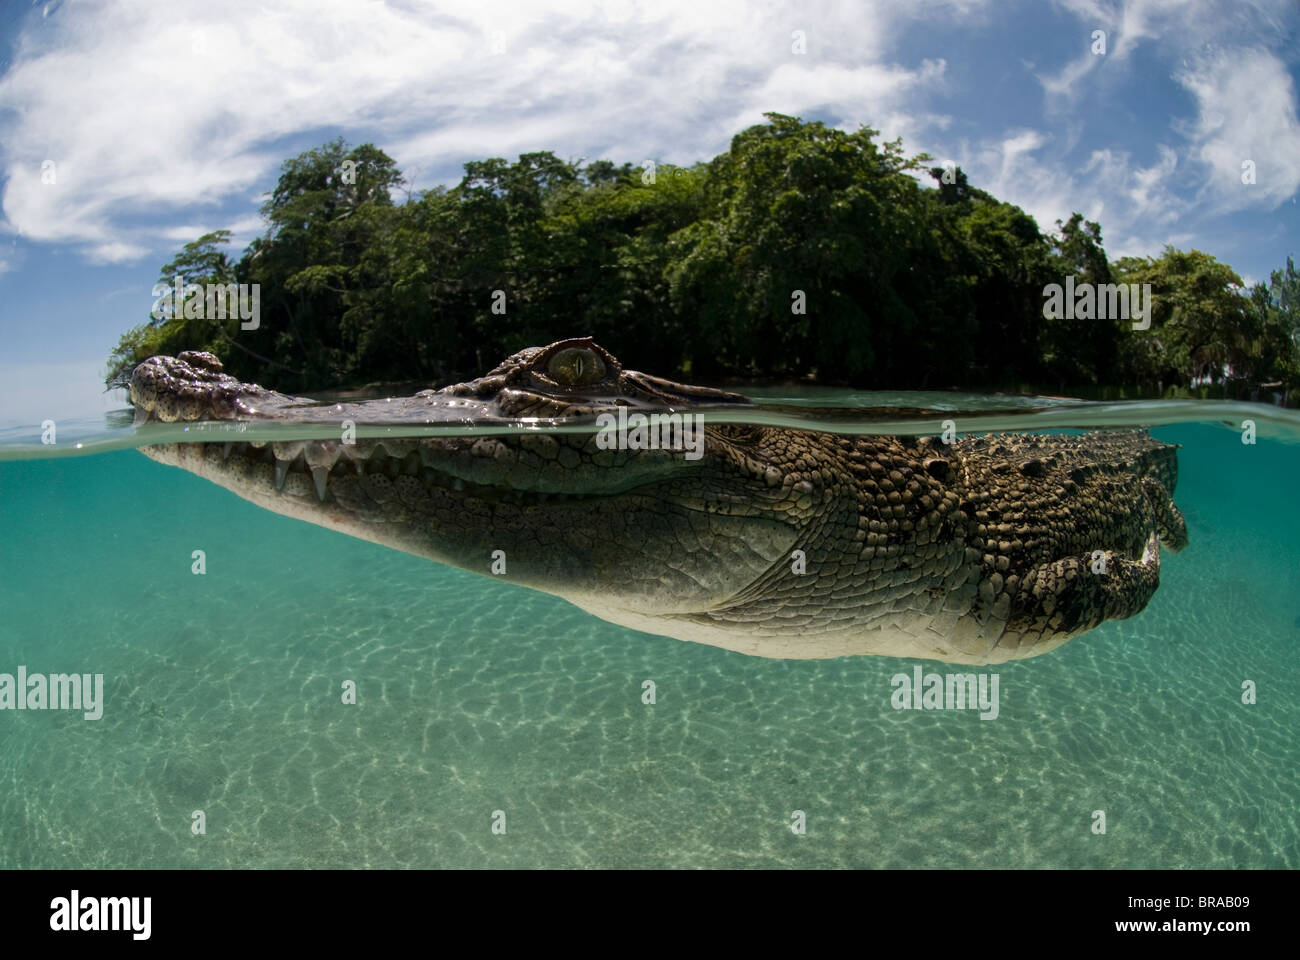 Saltwater crocodile (Crocodylus porosus) nager à la surface de l'eau, en duplex, Nouvelle Guinée, Photo Stock